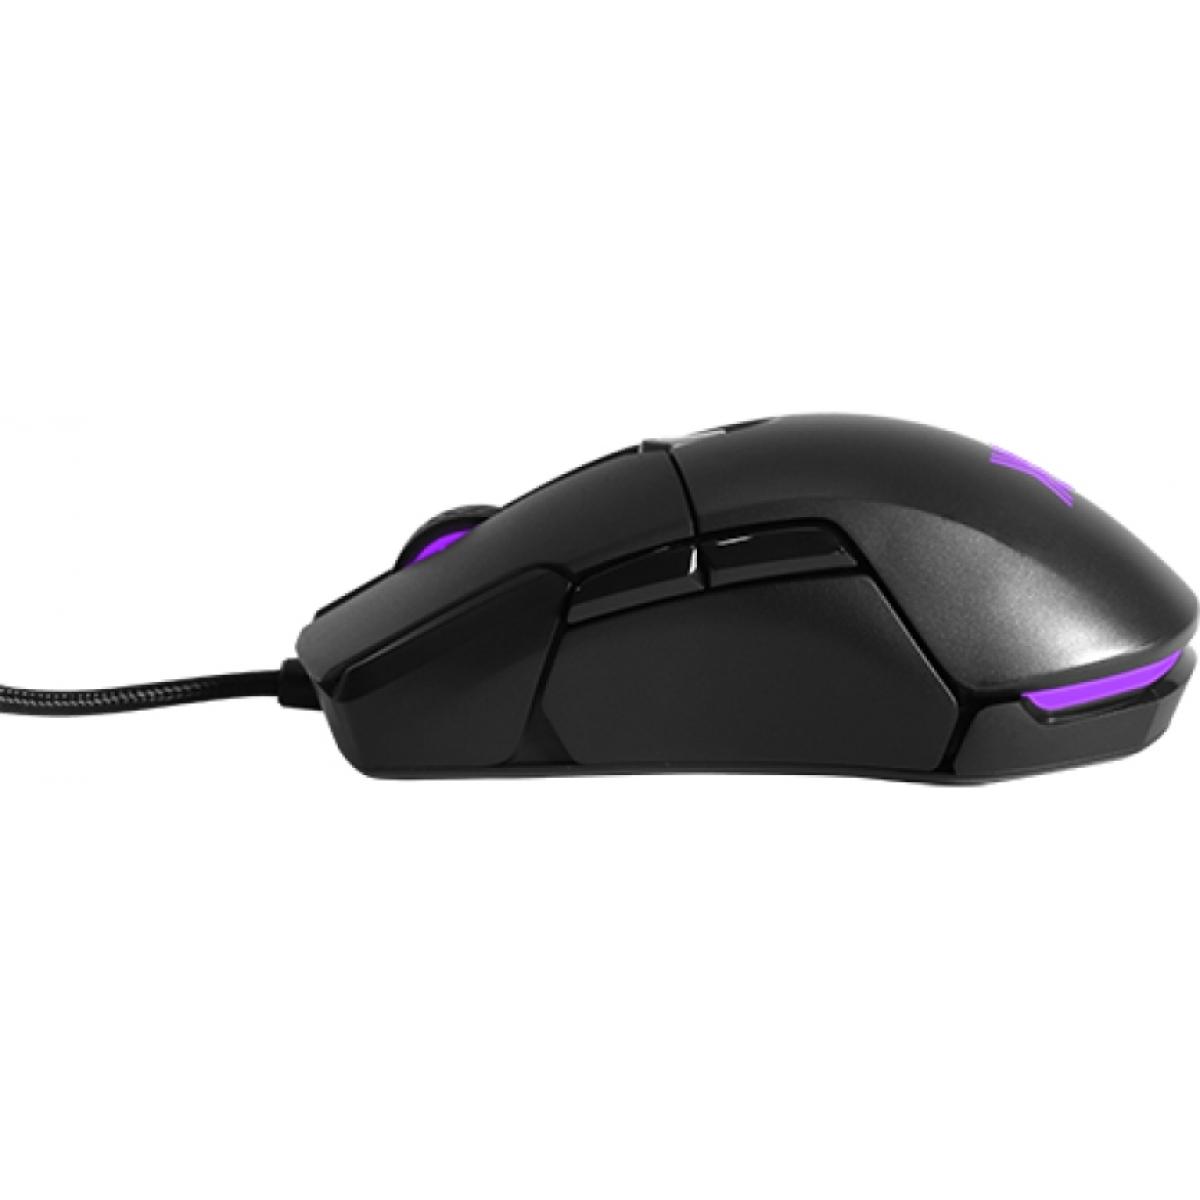 Mouse Gamer Xanova Mensa XM310 6 Botões 5.000 DPI RGB Black